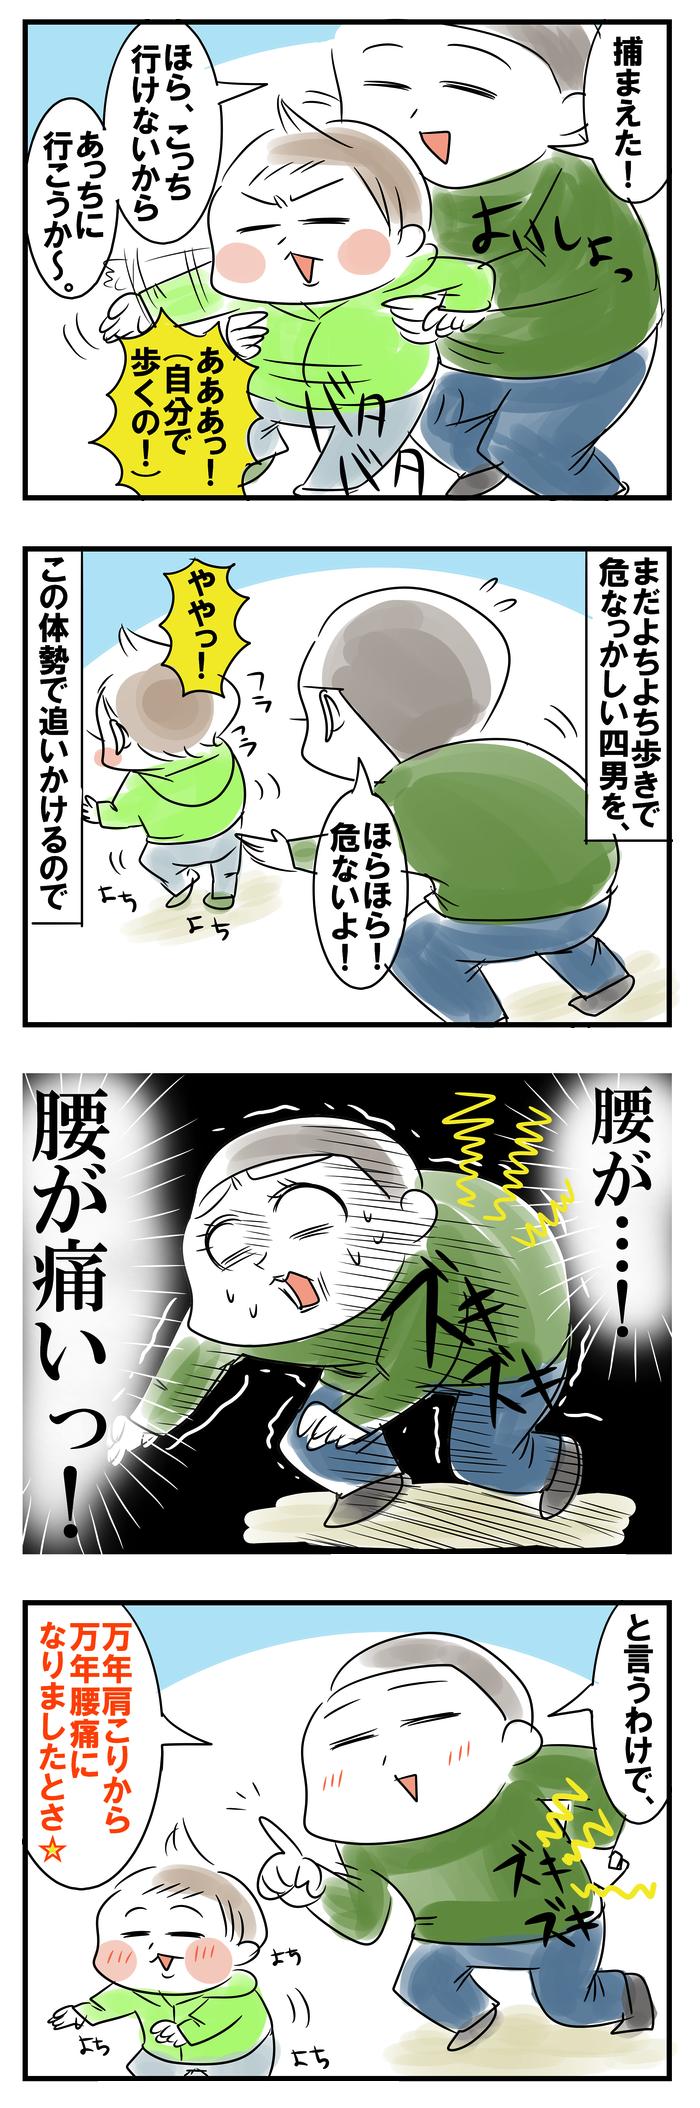 悲報!1歳児がよちよち歩きを始めたら…母ちゃんの体がこう変化する(涙)の画像2